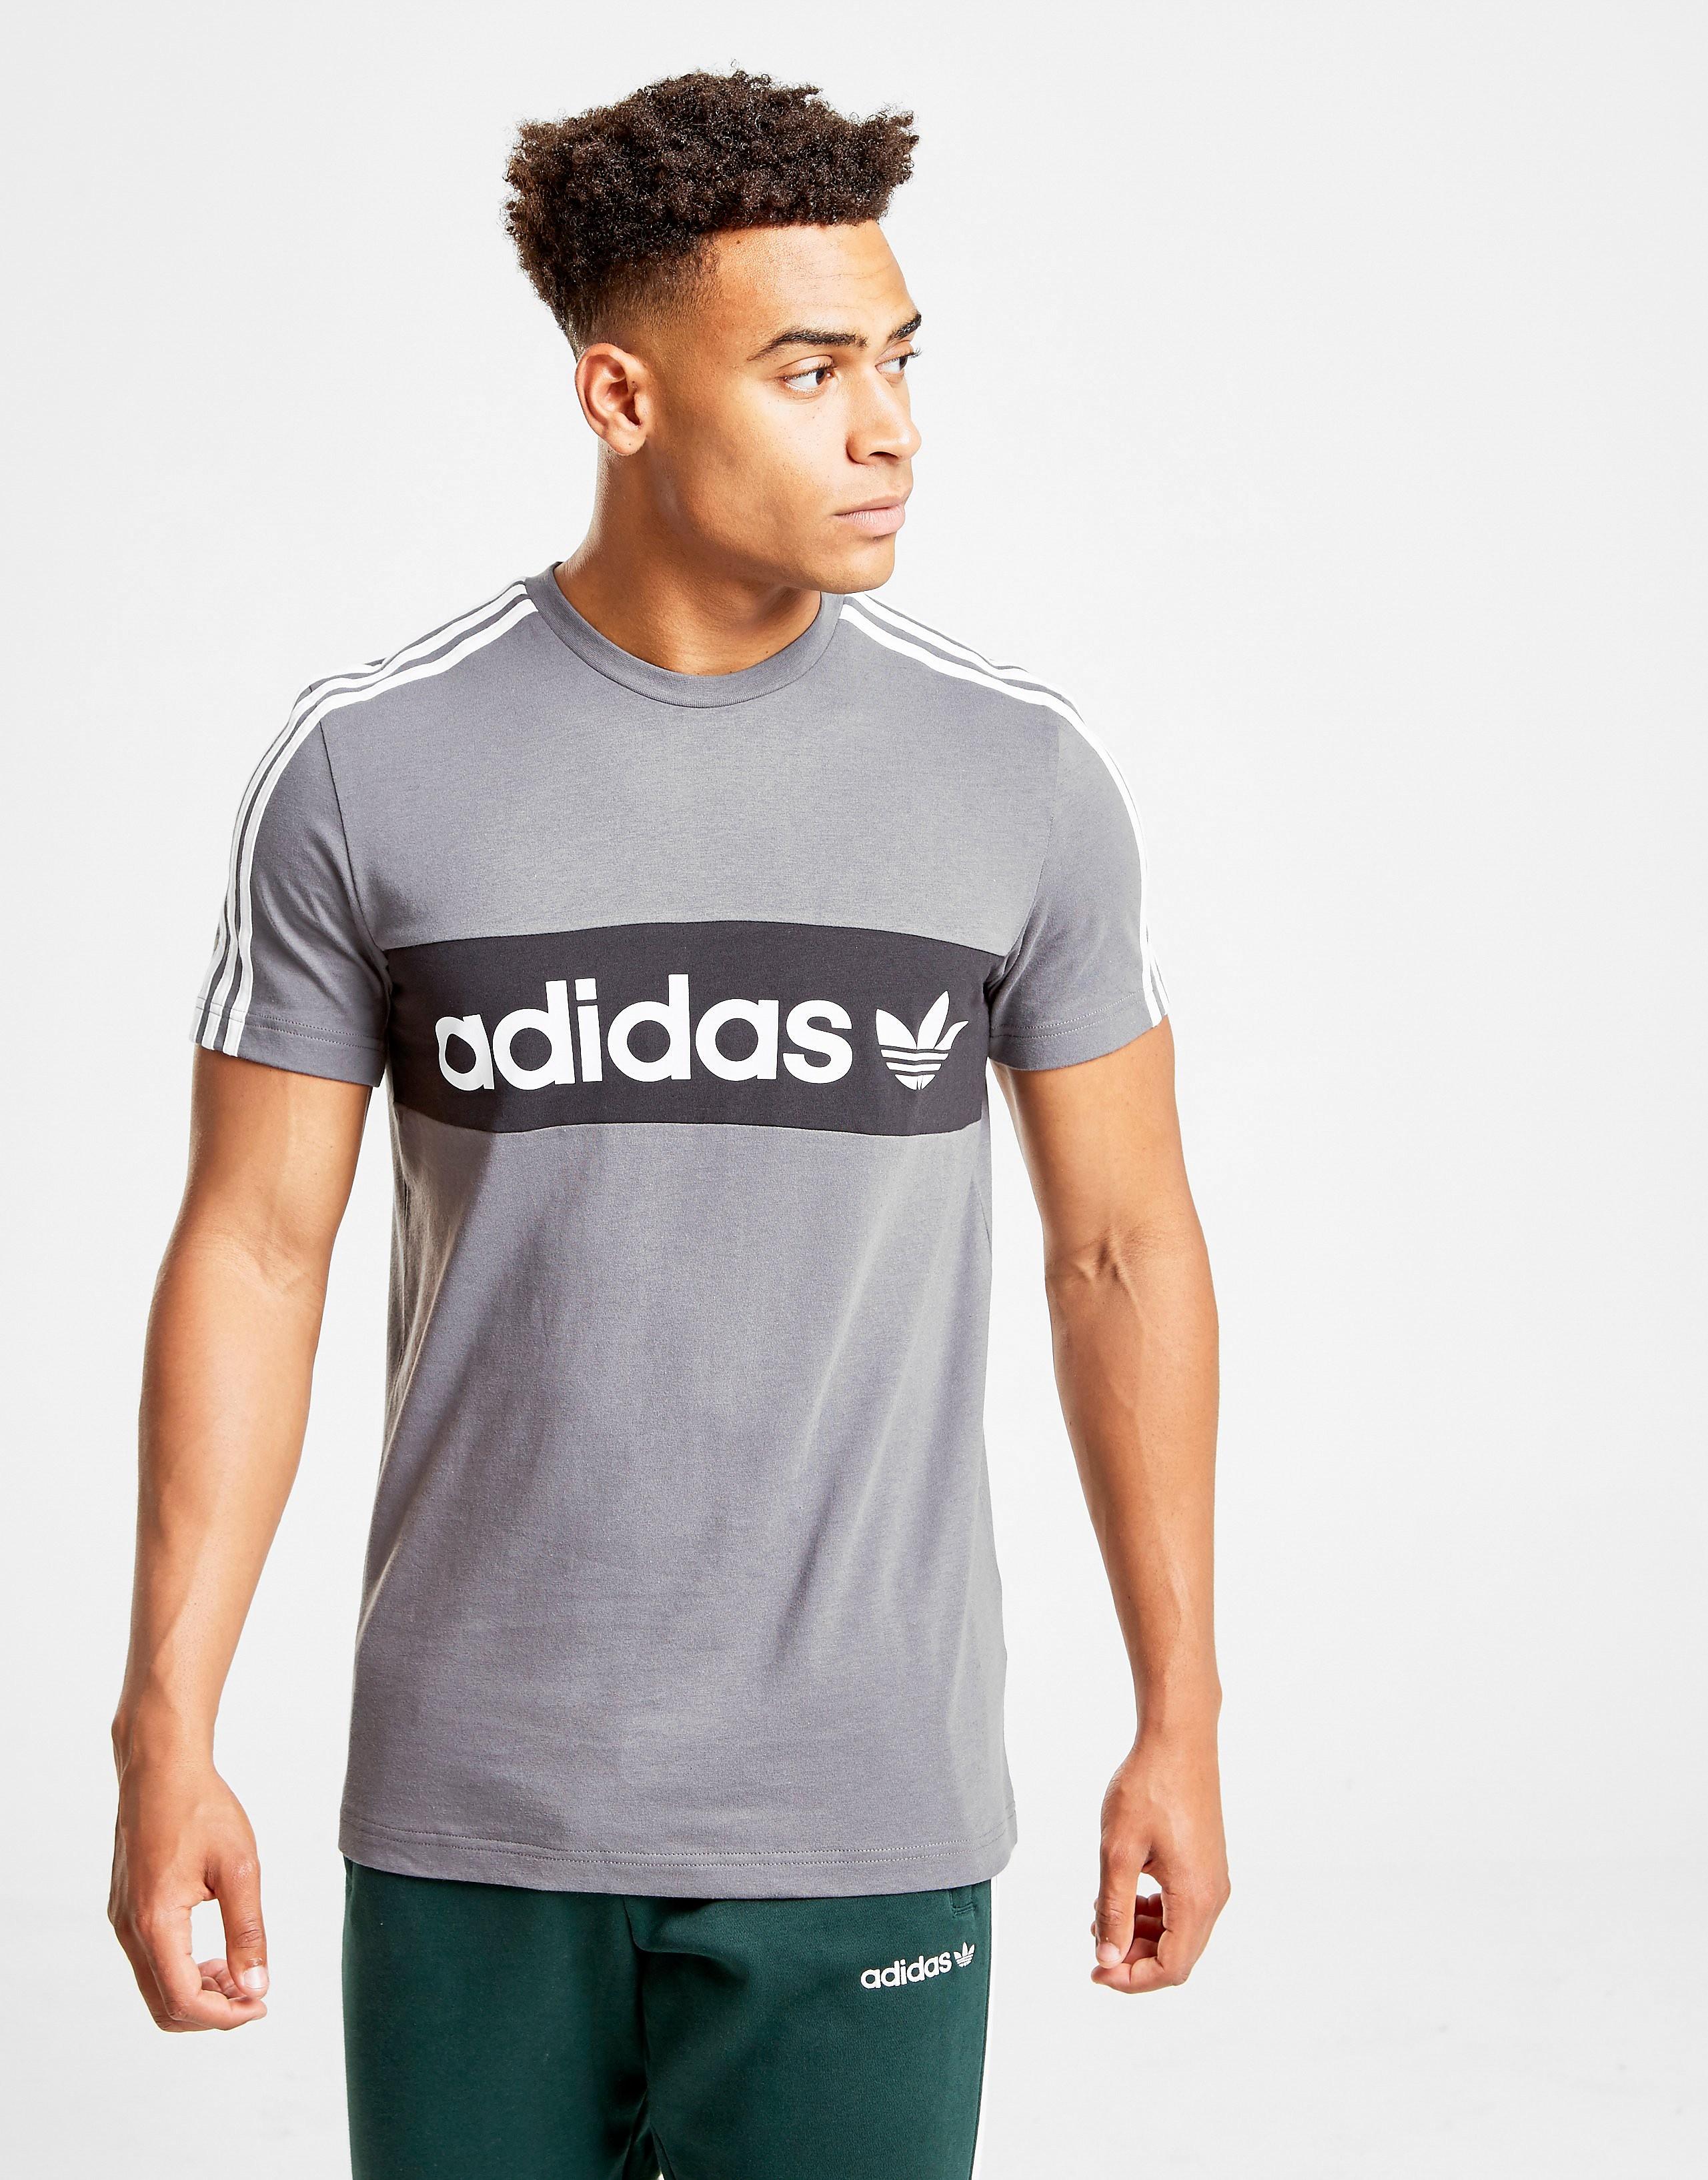 adidas Originals Trefoil Linear T-Shirt Heren - alleen bij JD - Grijs - Heren